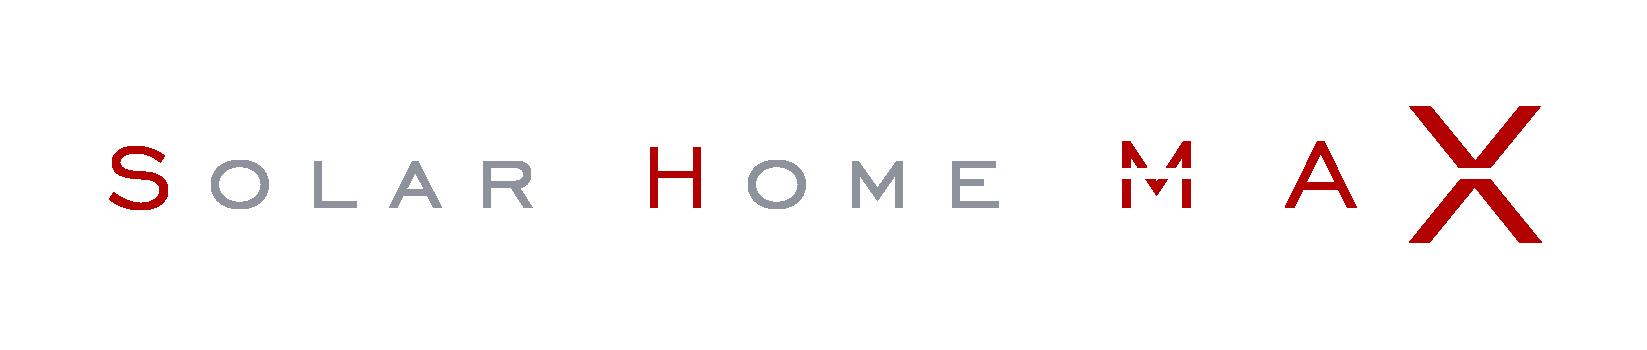 Solar Home Max Logo